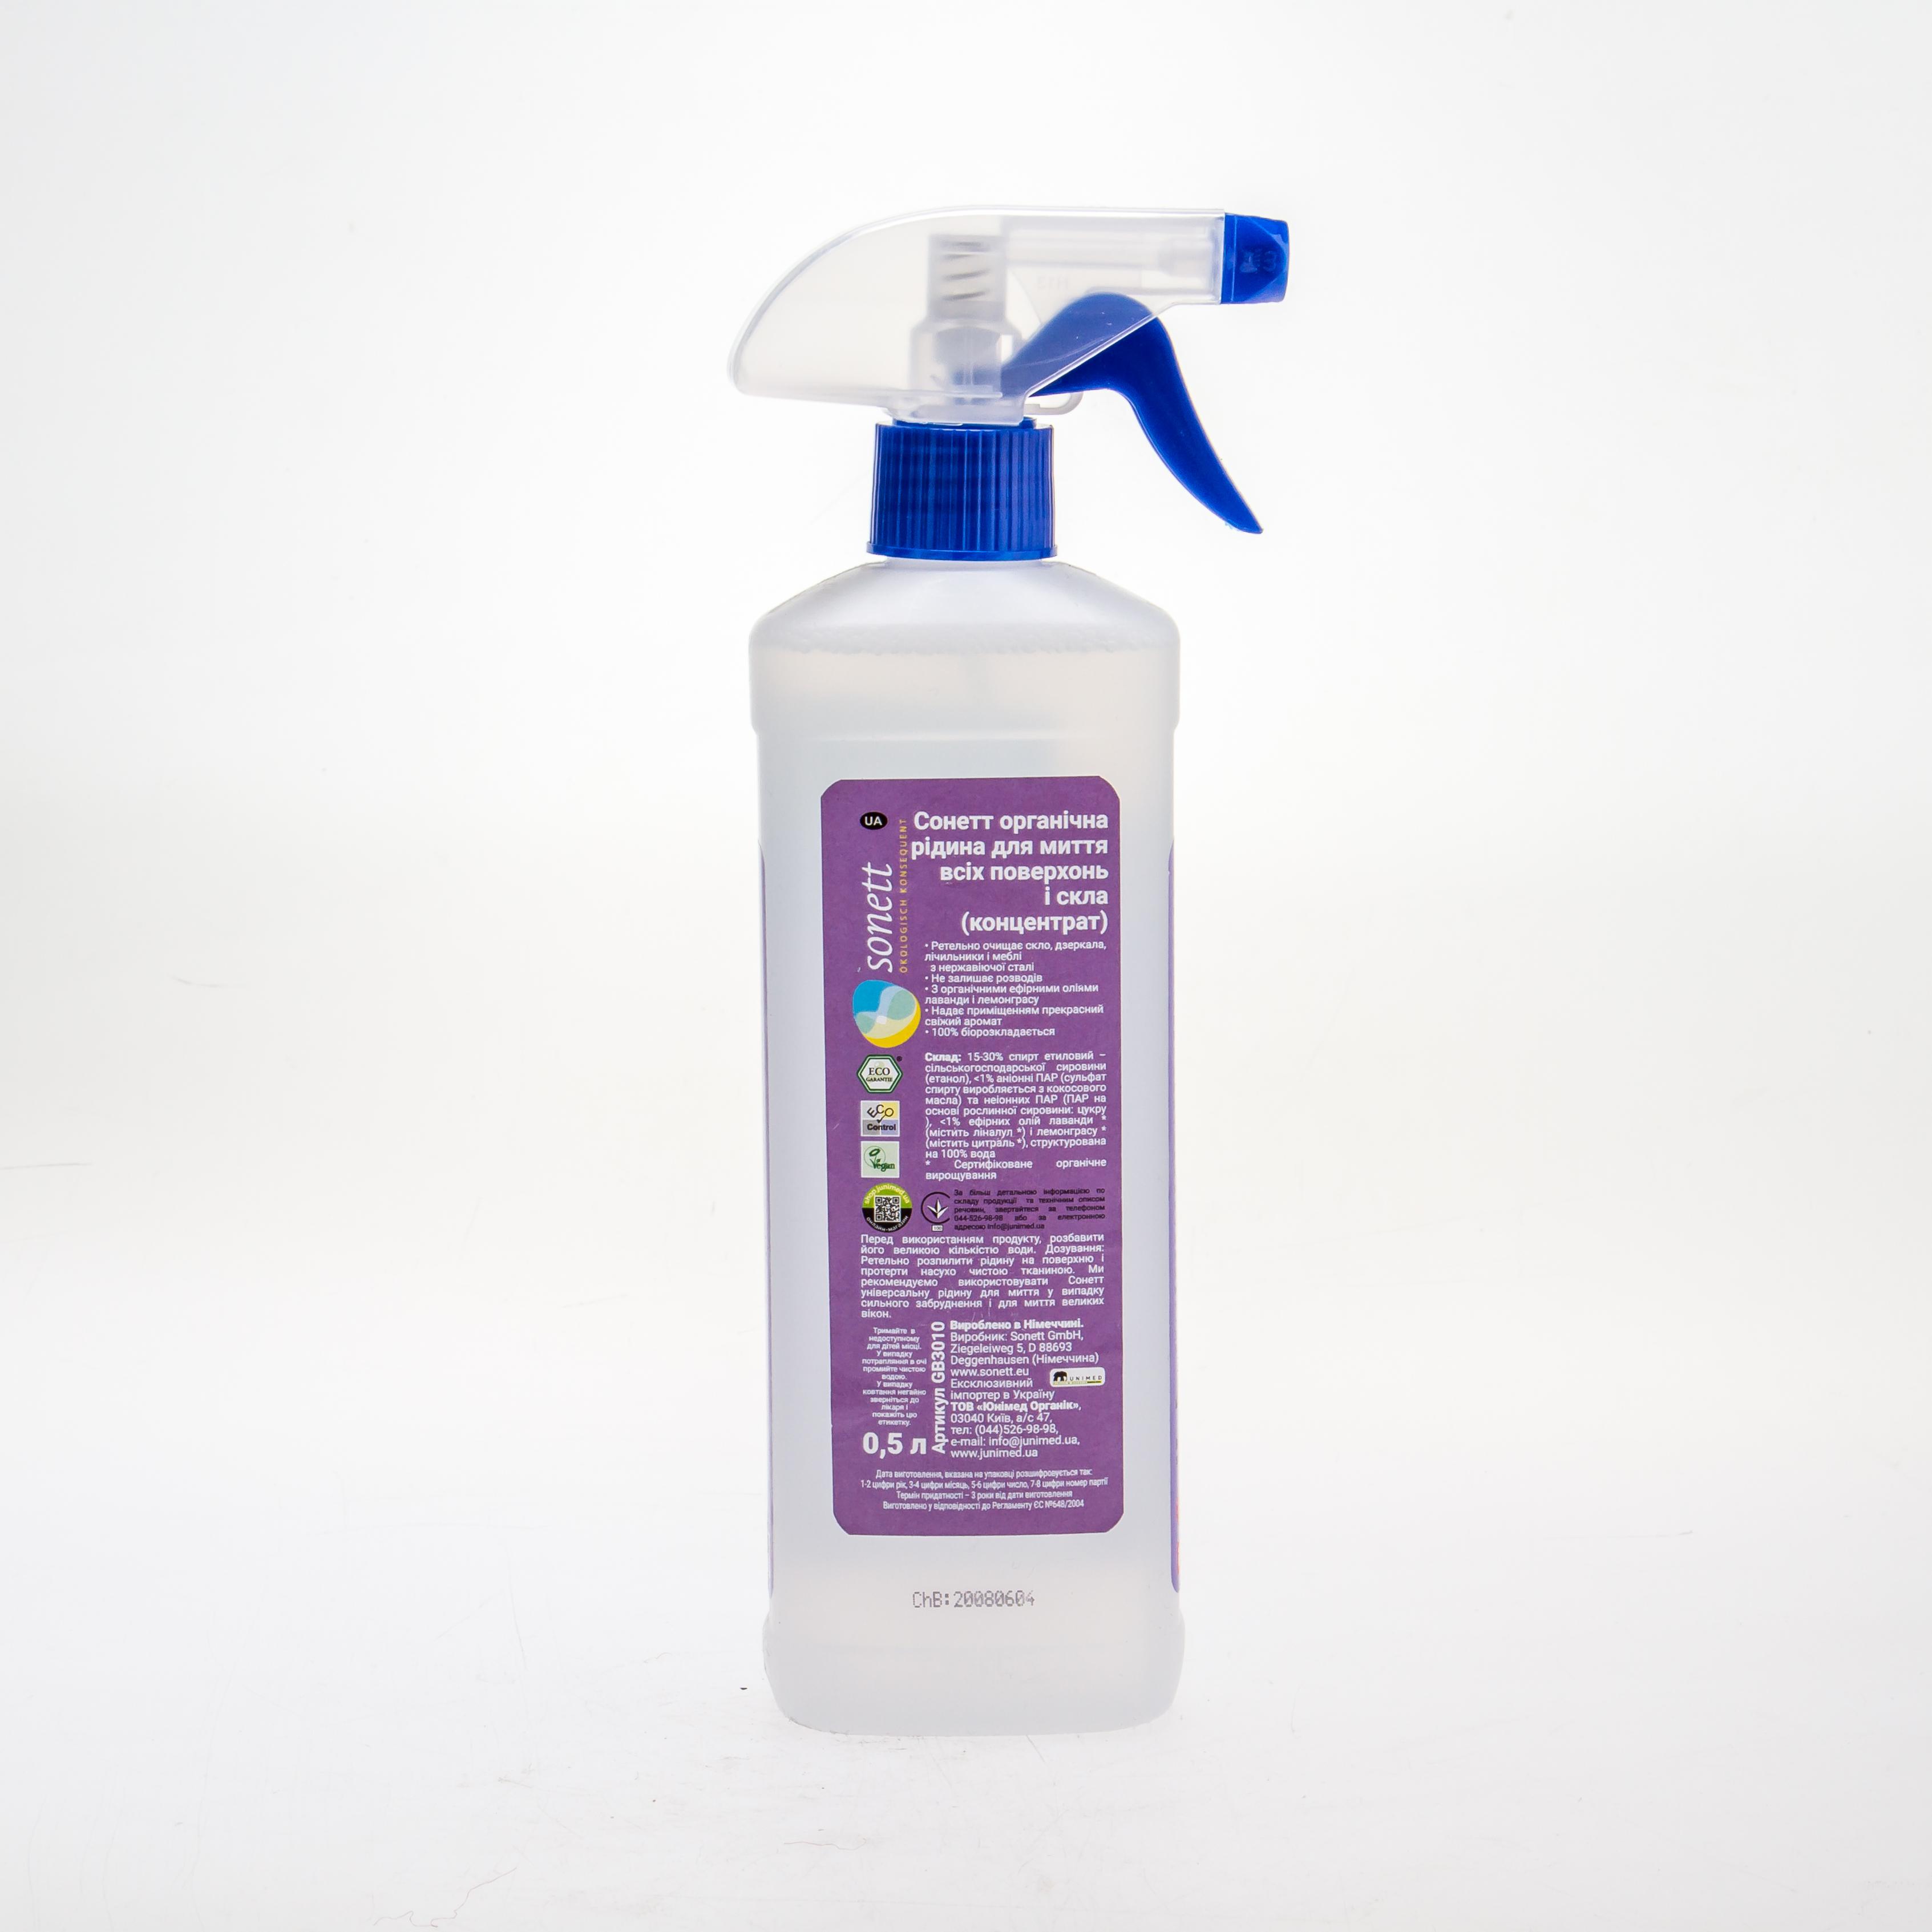 Sonett органічна рідина для миття всіх поверхонь і скла. Концентрат, 500 мл - купити в інтернет-магазині Юнимед